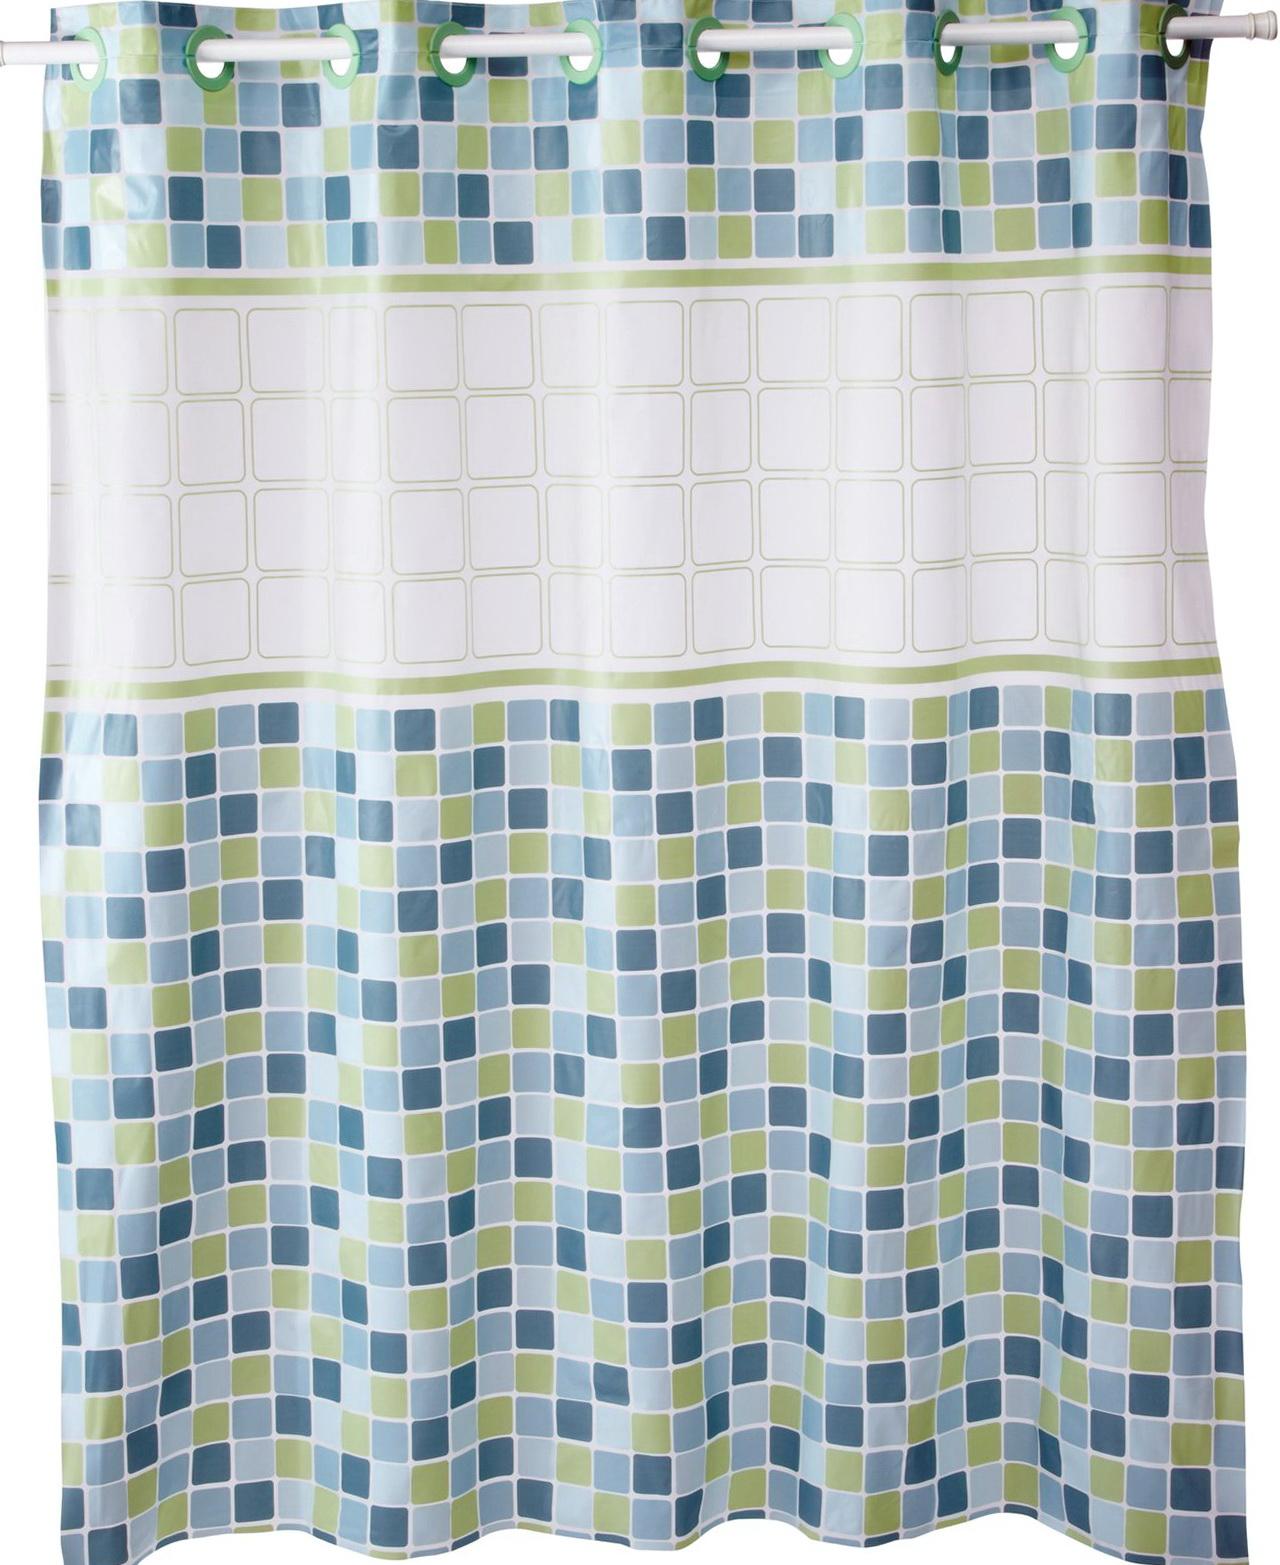 Shower Curtain Length Measurement